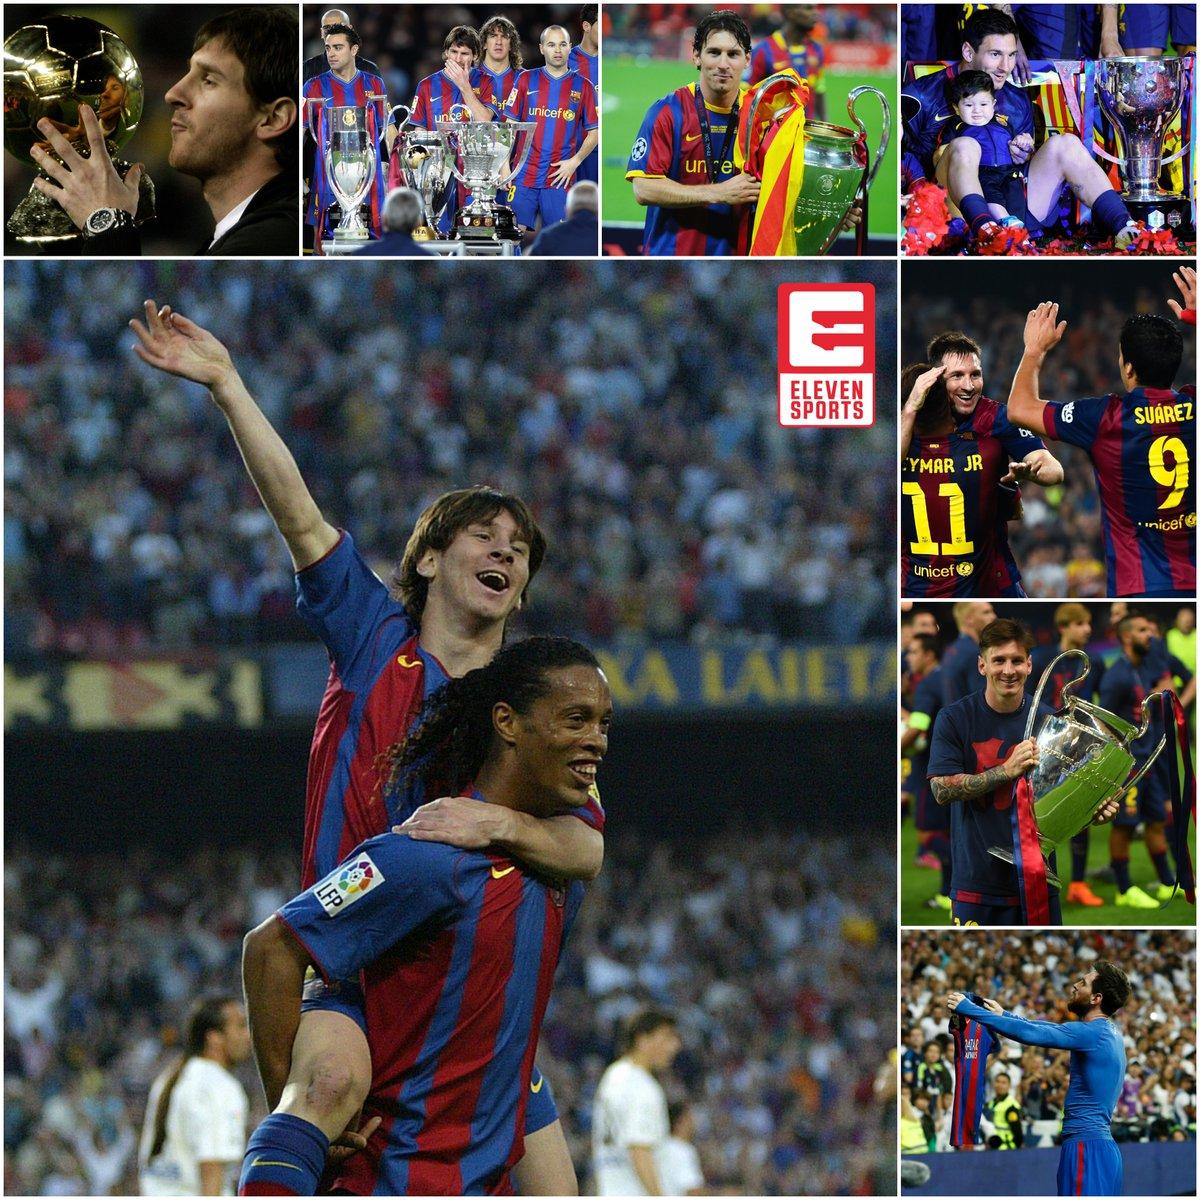 Eleven Sports Nl On Twitter Gelukkige Verjaardag Lionel